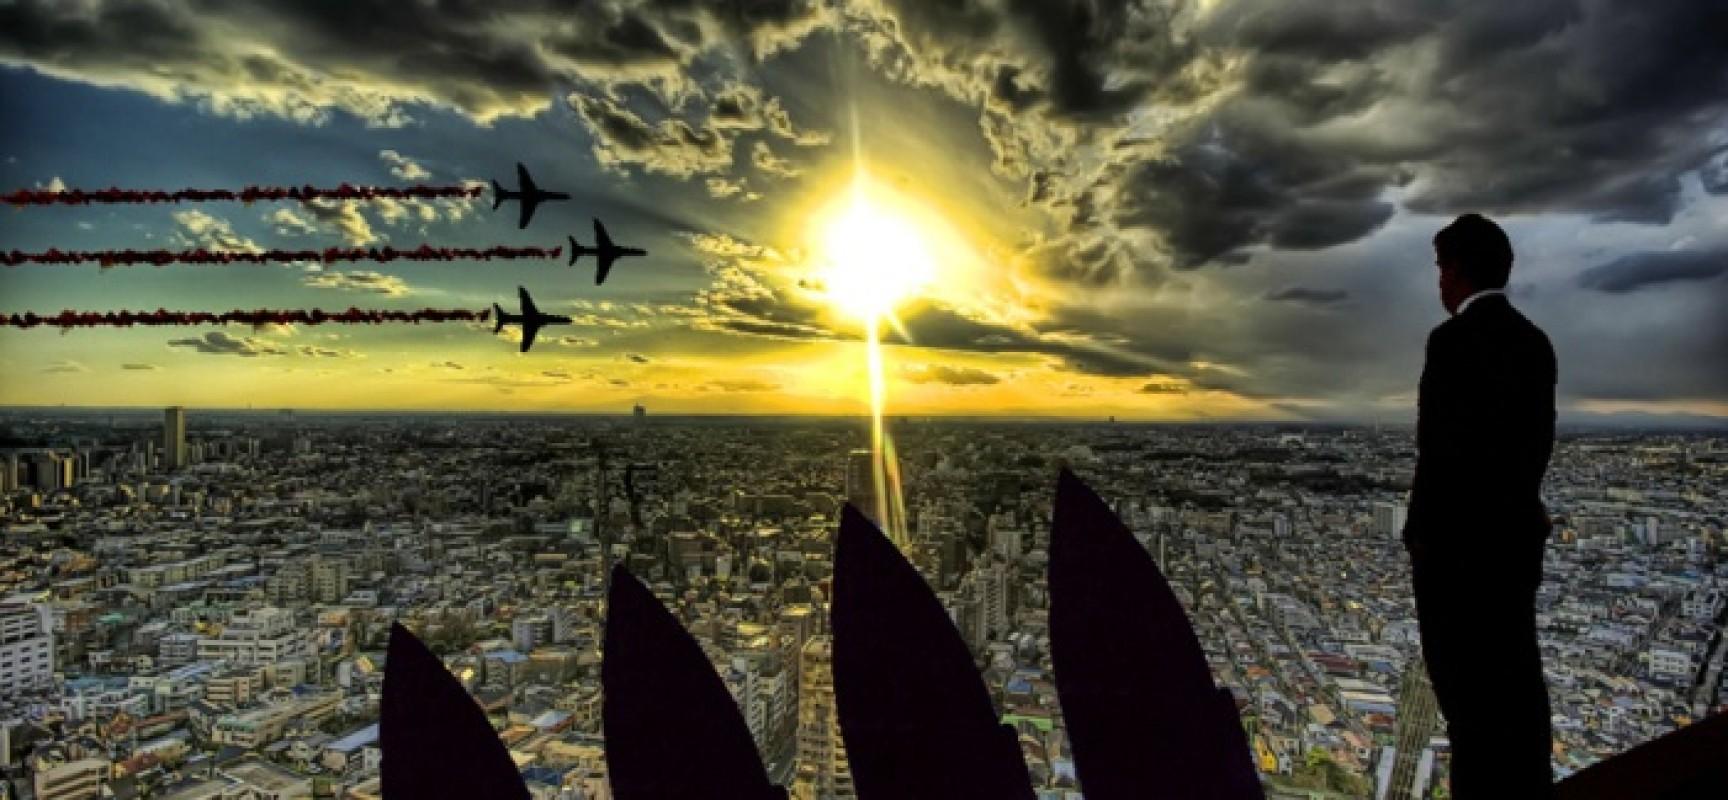 Τρομερή Αποκάλυψη... Μαρτυρία Βόμβα... Οι Μεγάλες Δυνάμεις, η Ελλάδα και ο Γ' Παγκόσμιος Πόλεμος...